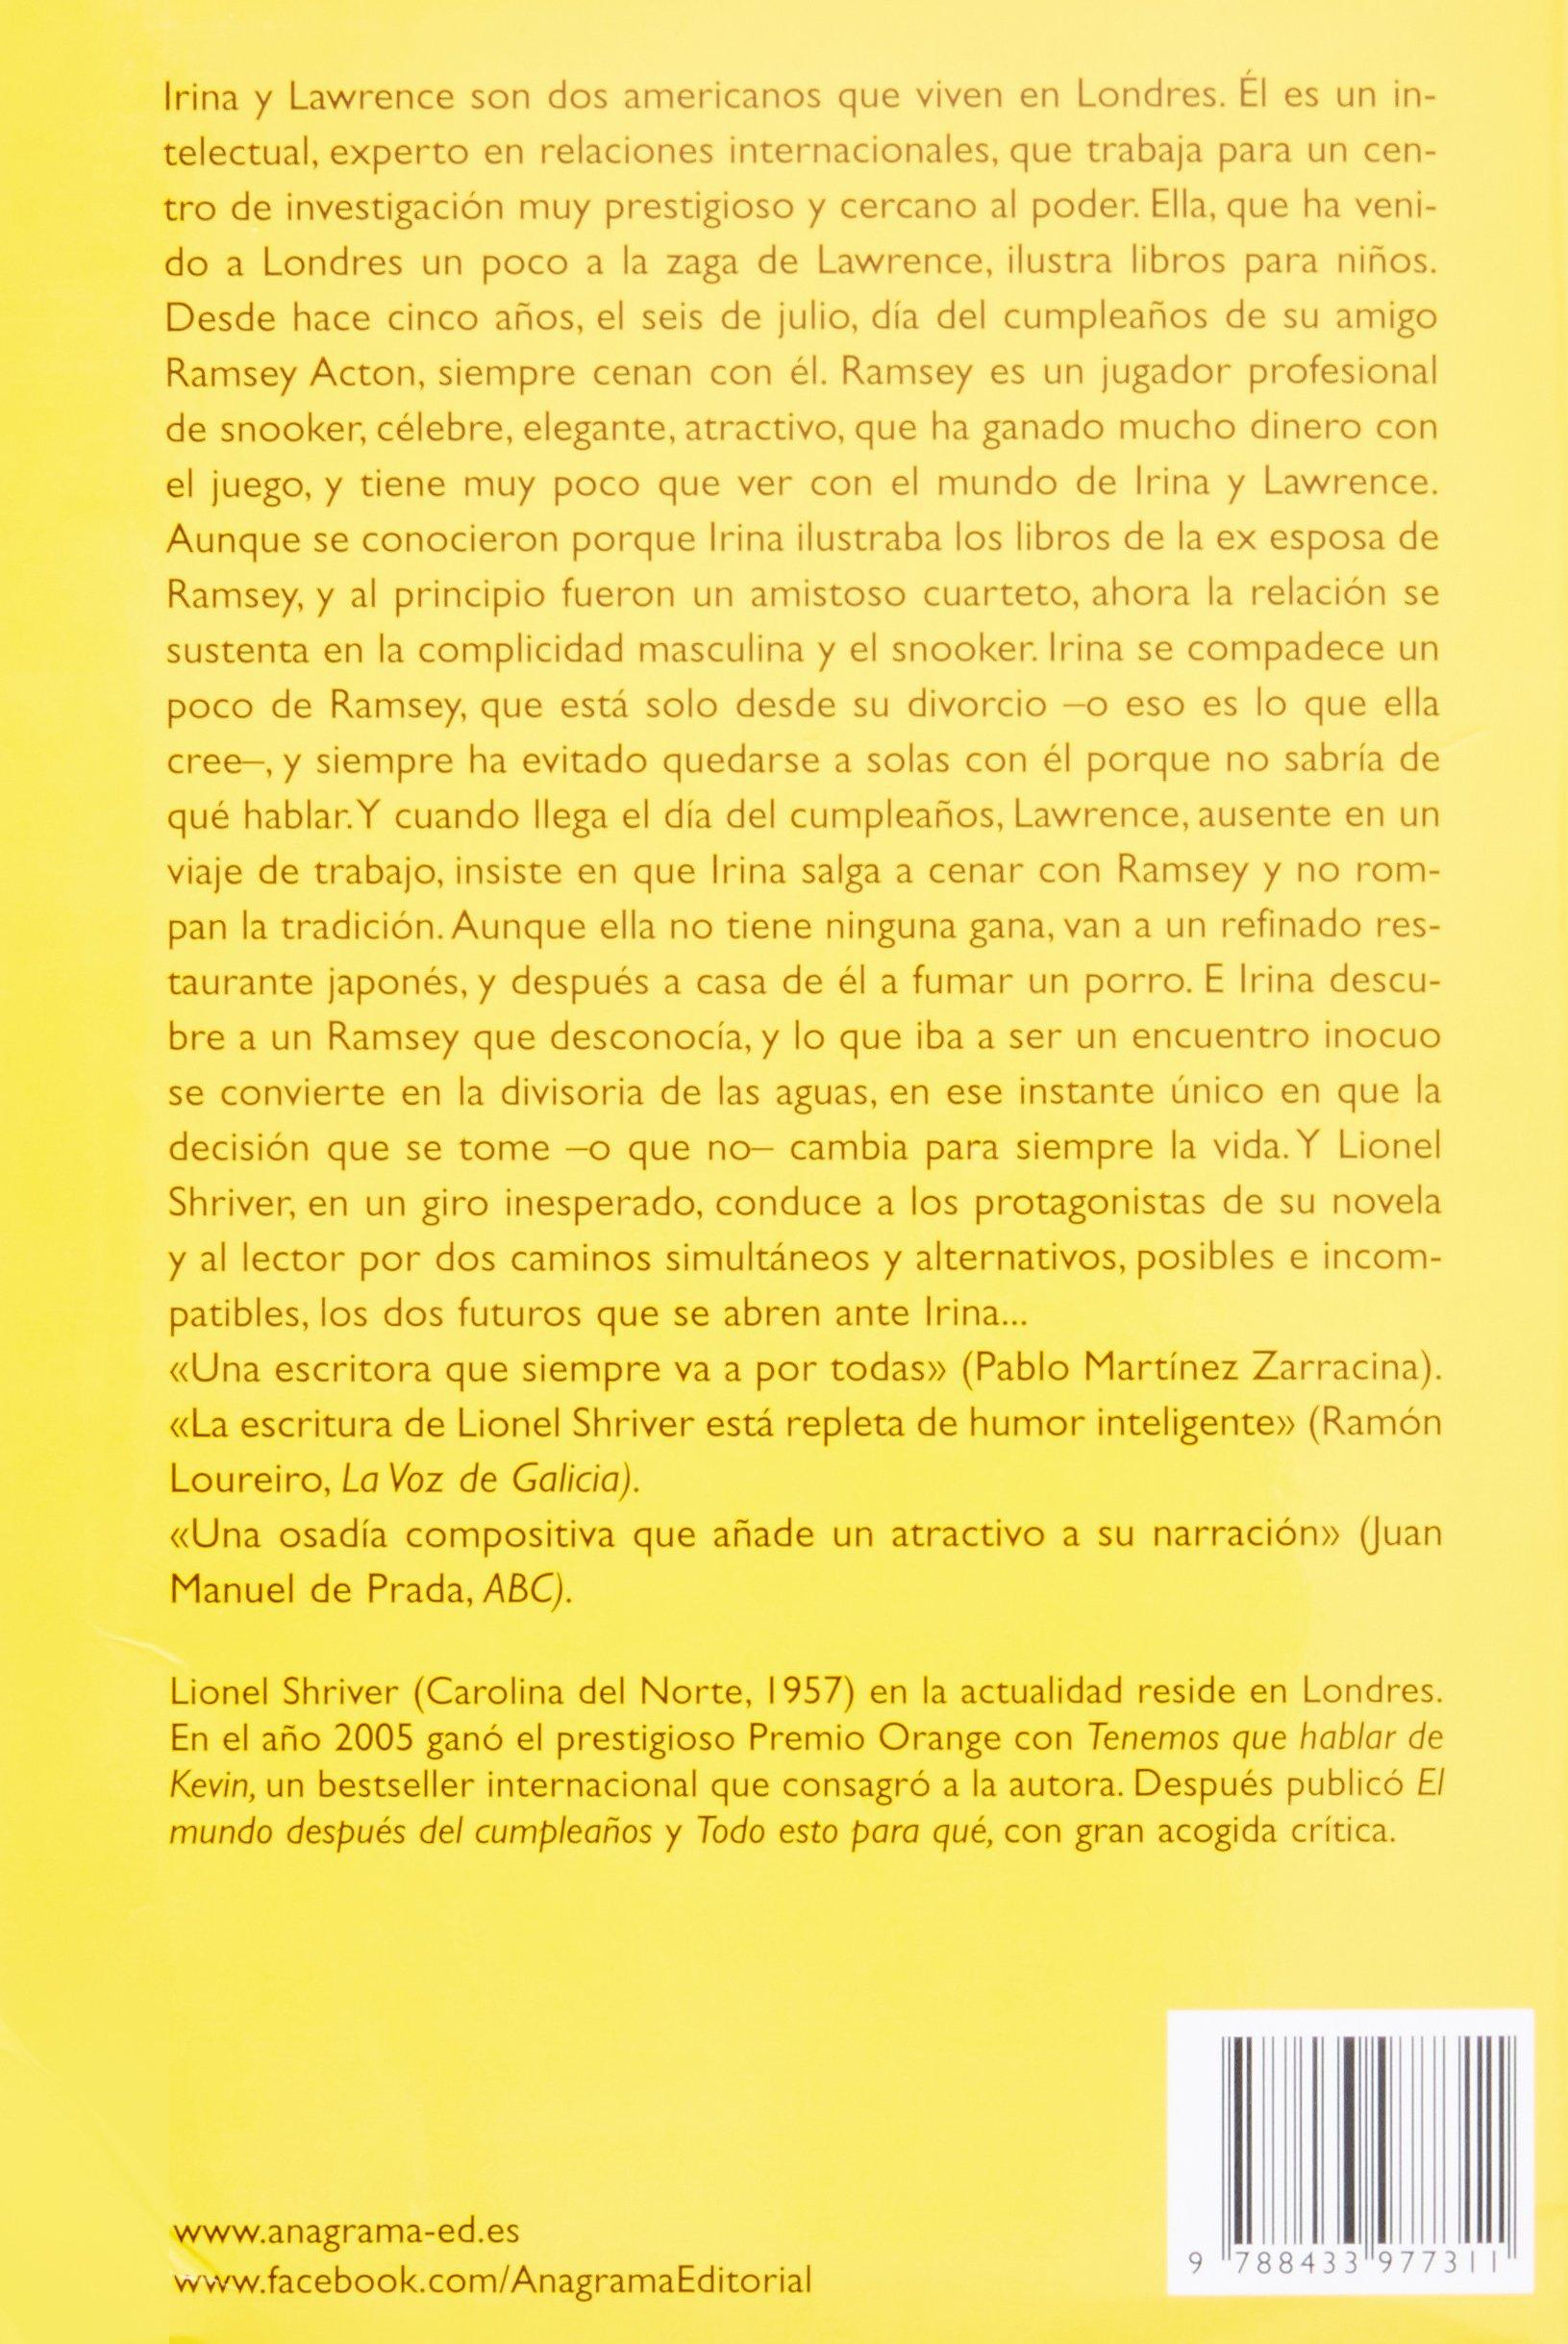 El Mundo Después Del Cumpleaños (Compactos Anagrama): Amazon ...